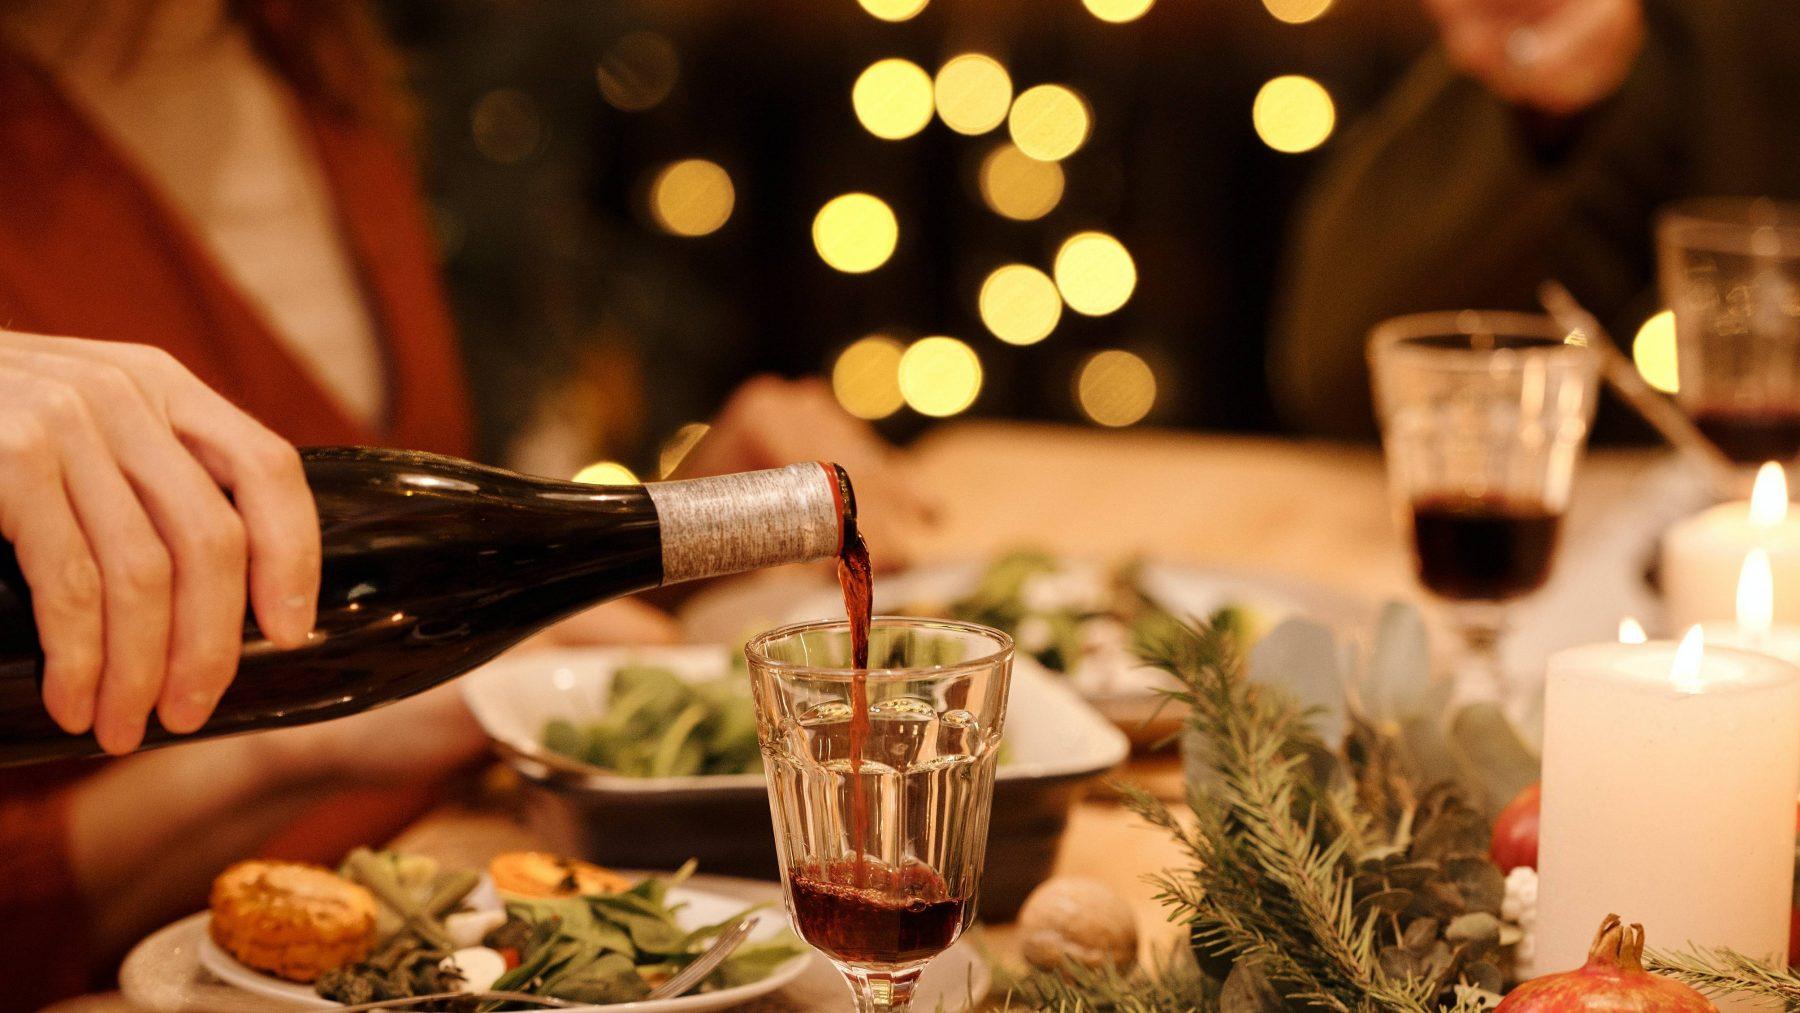 Nicole moest achteraf zelf betalen voor de wijn tijdens een kerstdiner: 'Ik was woest'